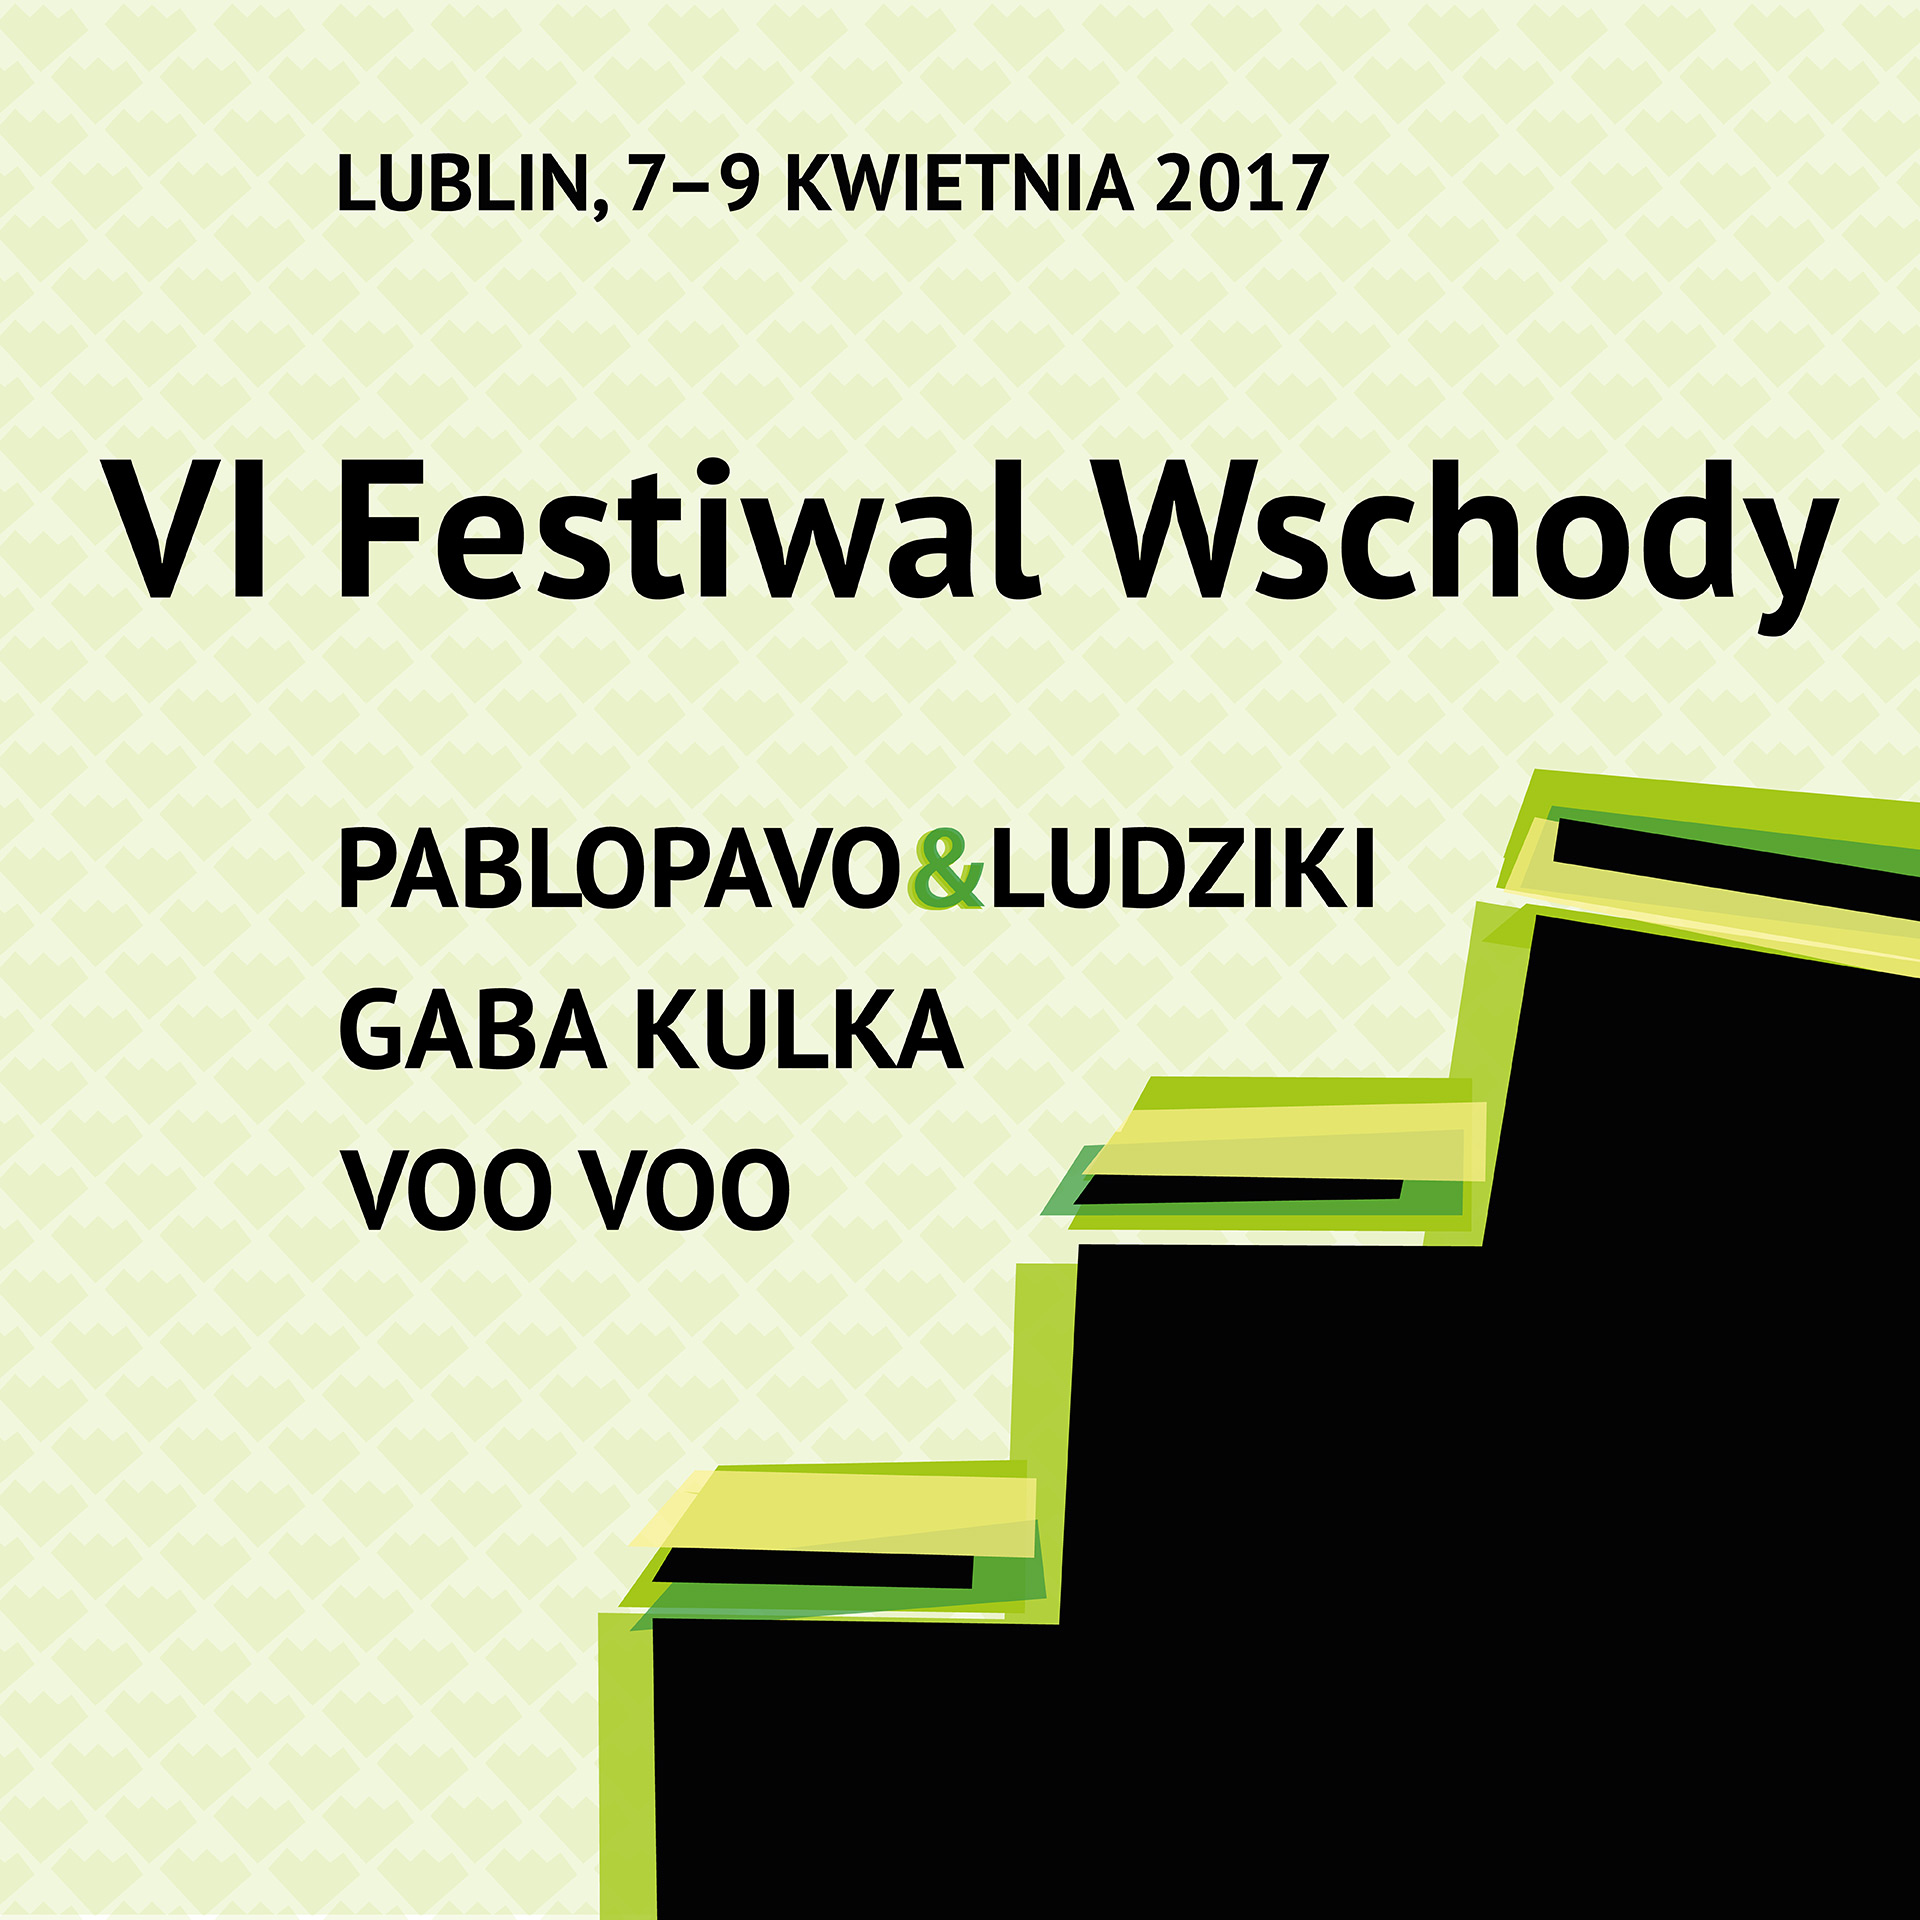 VI Ogólnopolski Festiwl Piosenki Artystycznej WSCHODY